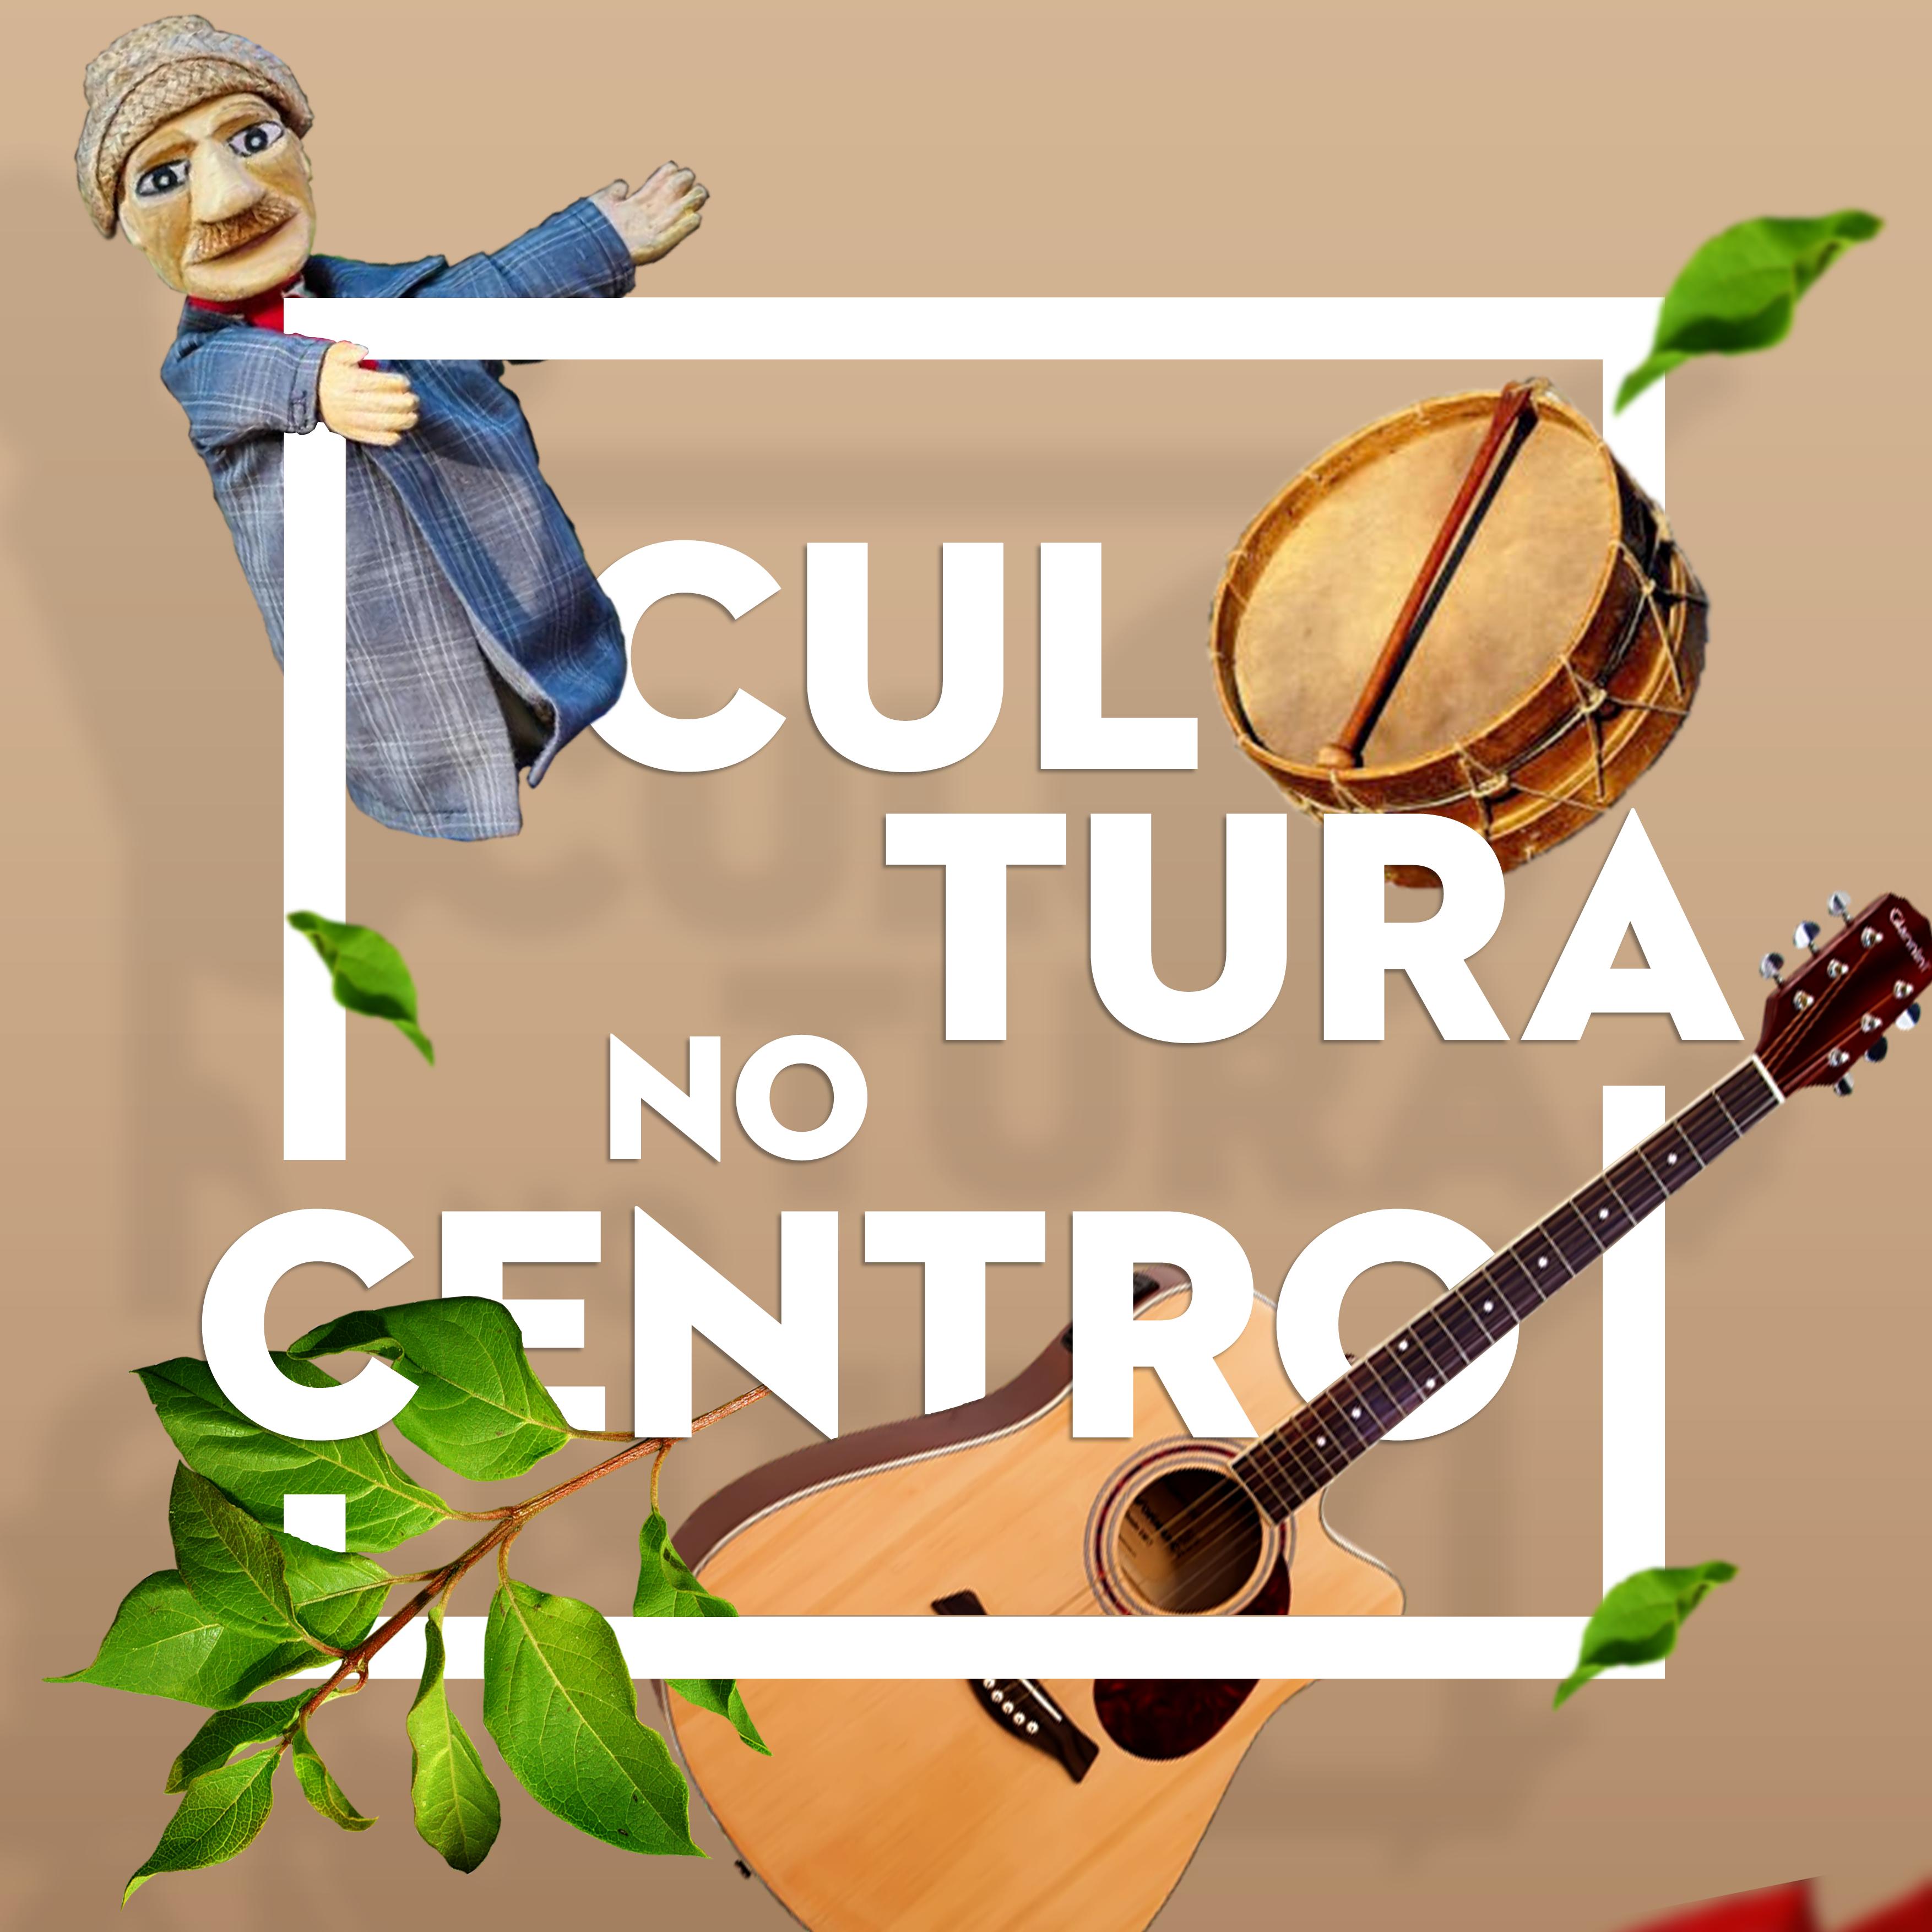 """Plano de Cultura da UFRN promove """"Cultura no Centro""""."""